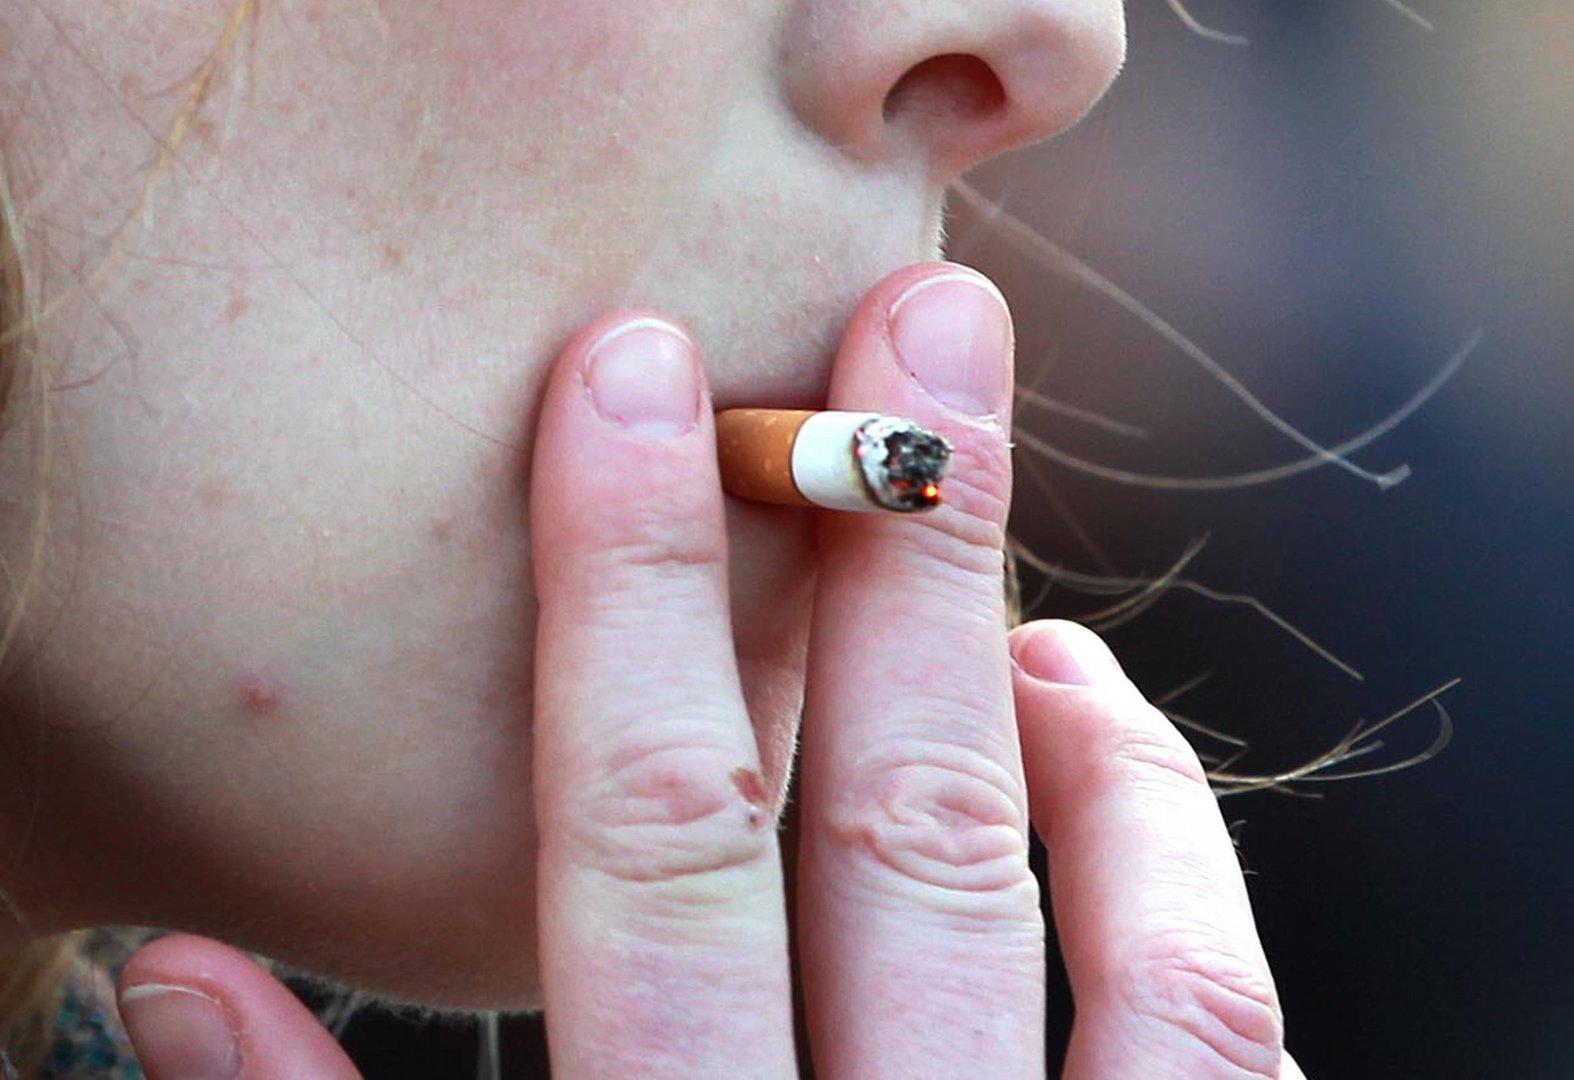 Nepilnamečiams rūkyti ir turėti tabako gaminių draudžiama!